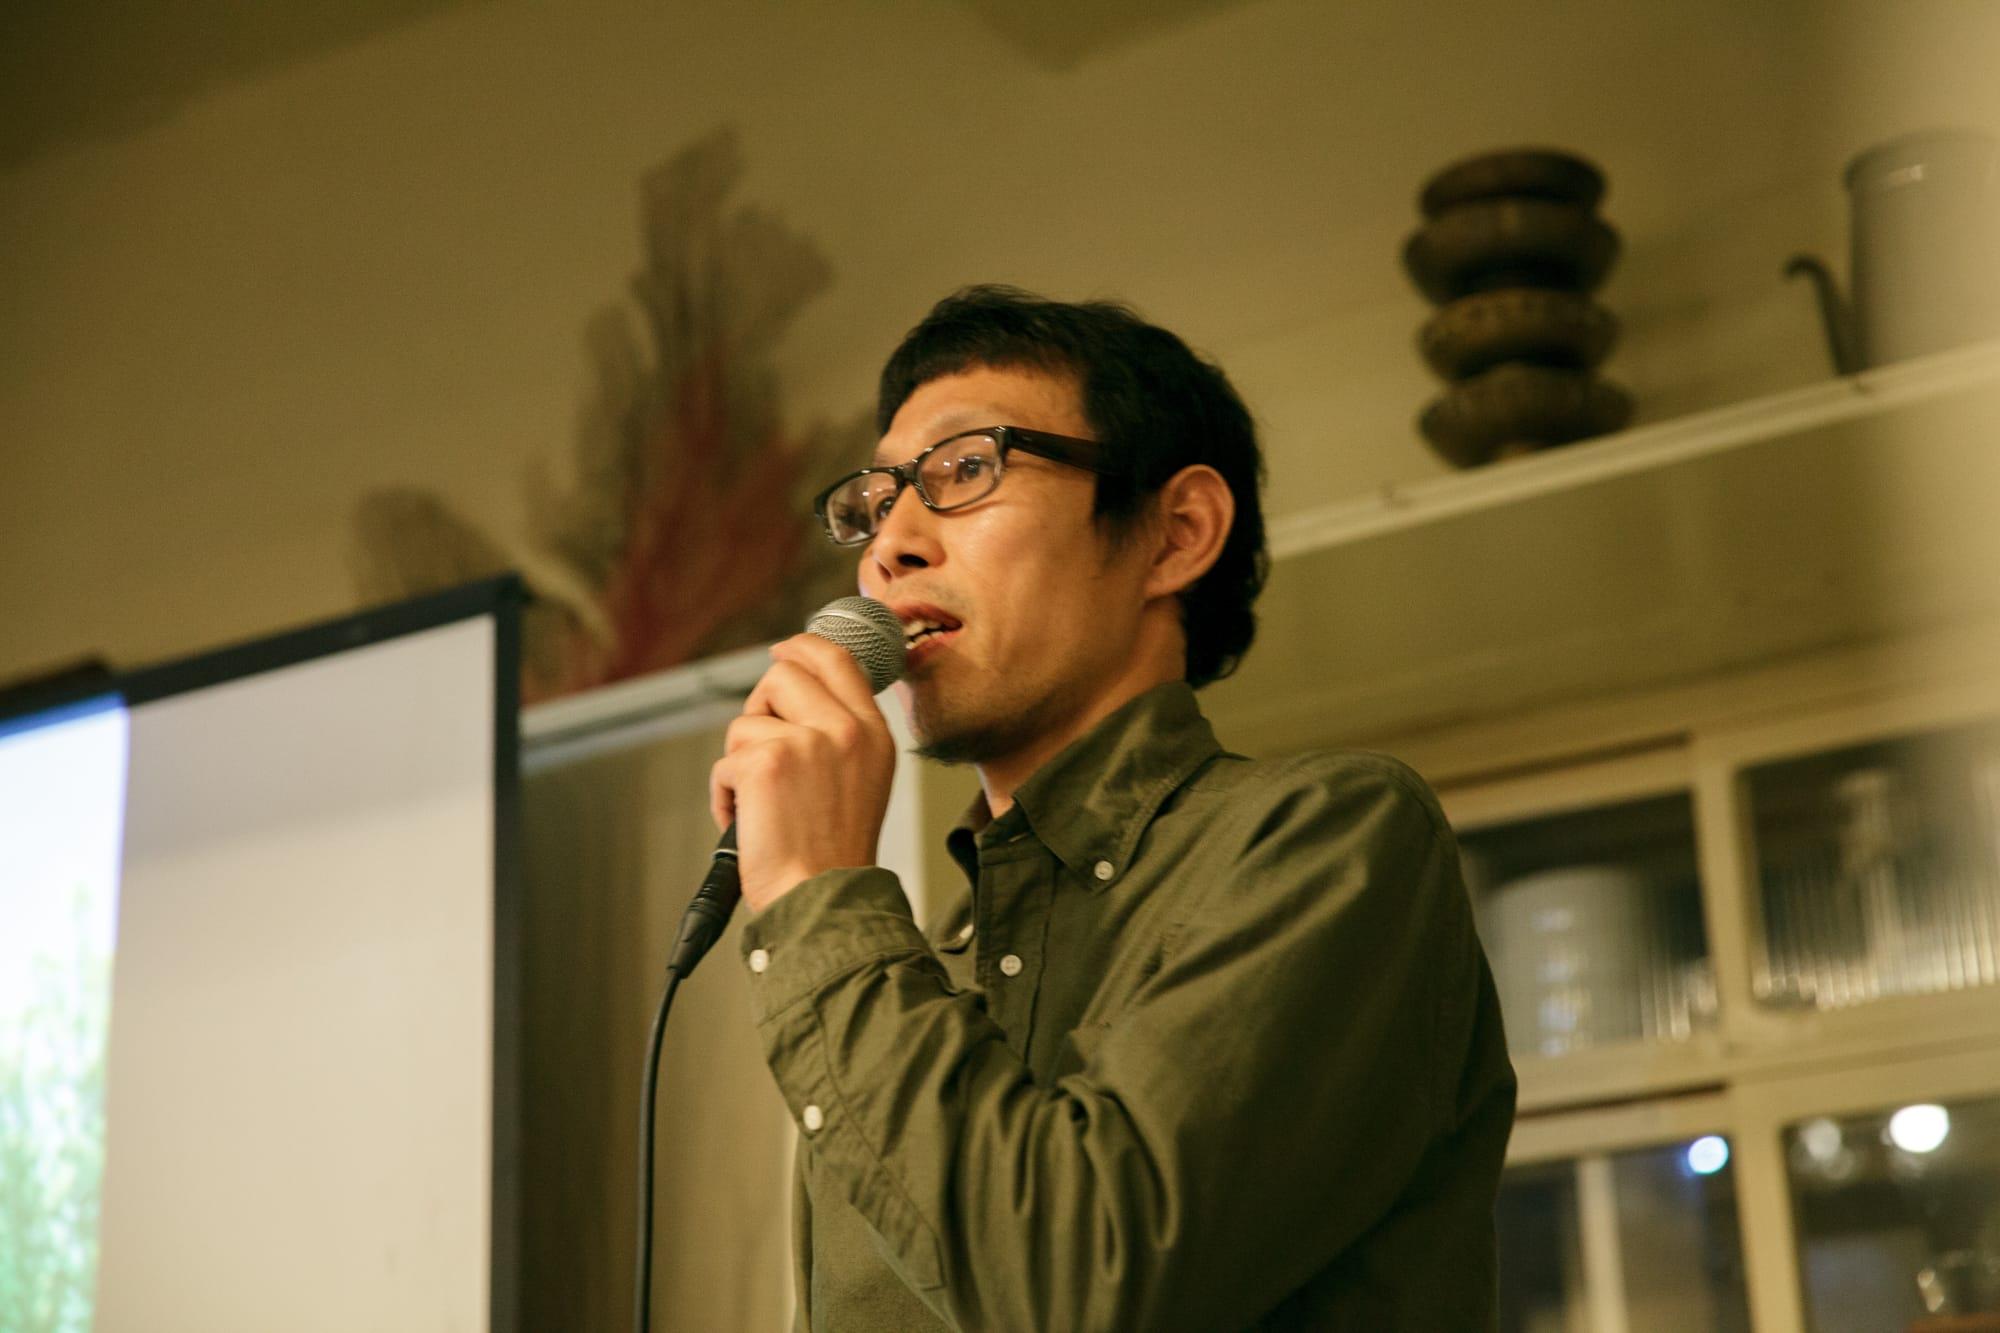 オーガニックベース代表の奥津邇さん。岩崎さんと出会ったことをきっかけに、2013年、家族で長崎県雲仙市に移住した。